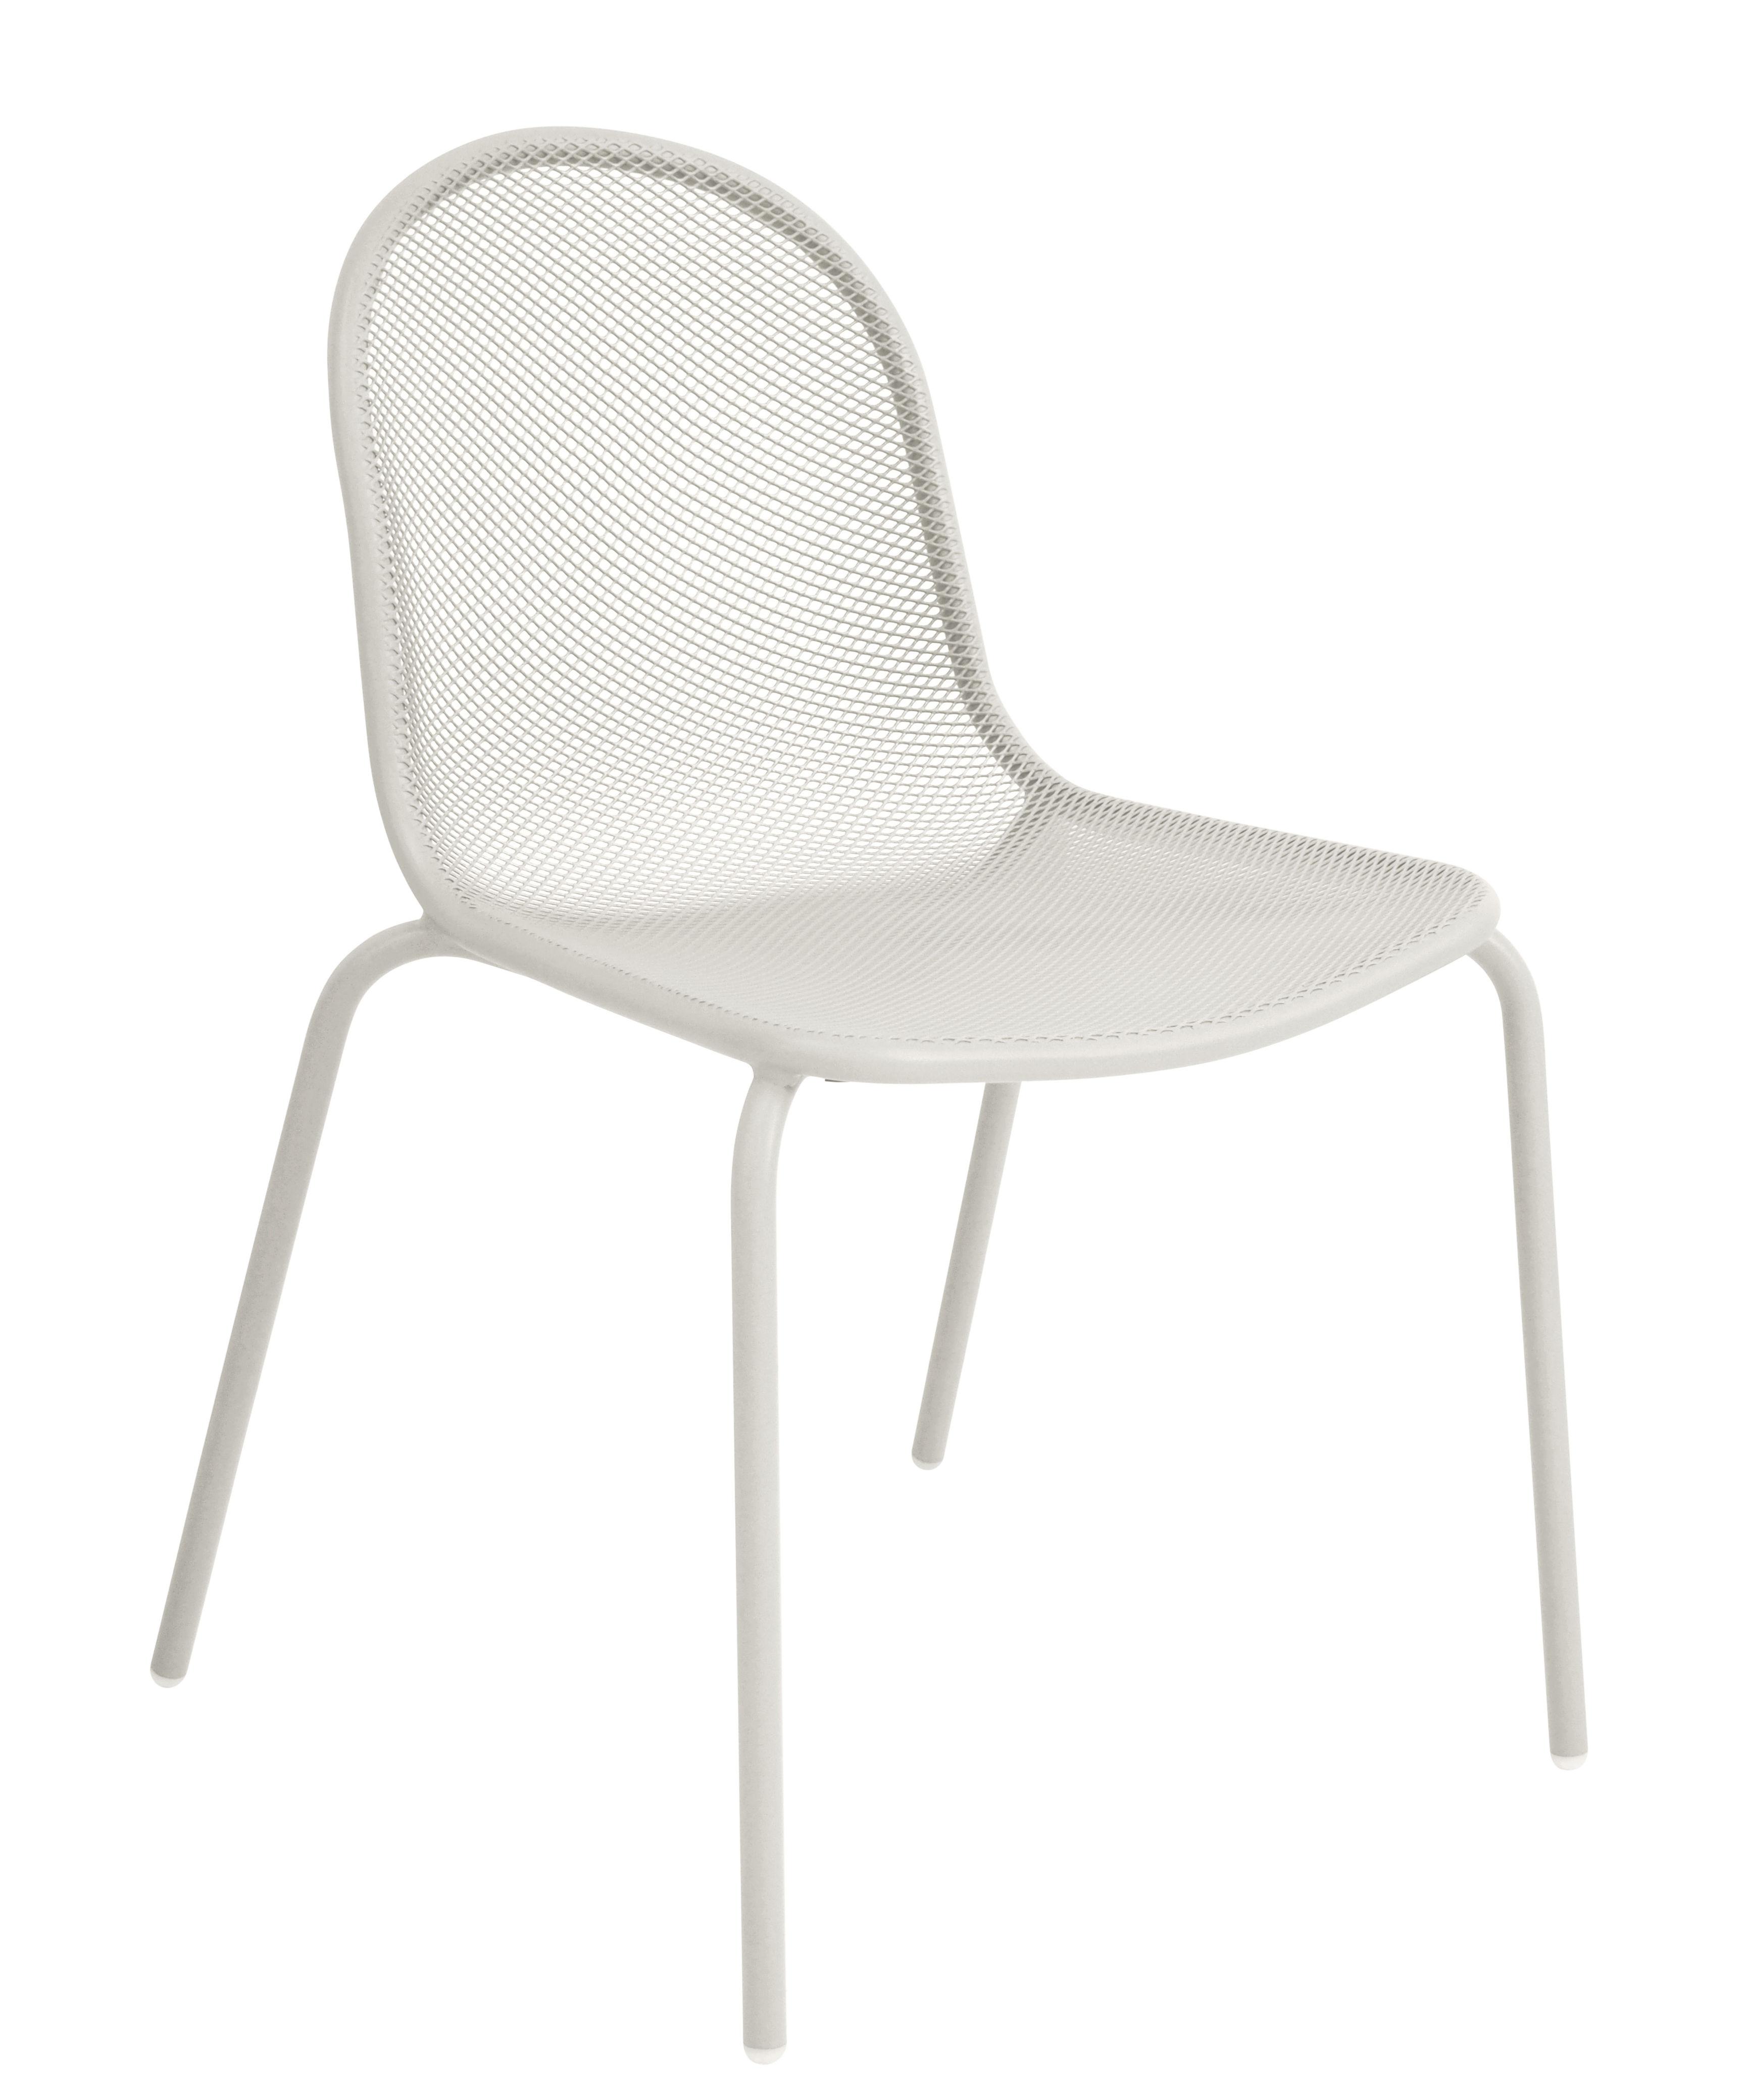 Mobilier - Chaises, fauteuils de salle à manger - Chaise empilable Nova / Métal - Emu - Blanc - Acier verni